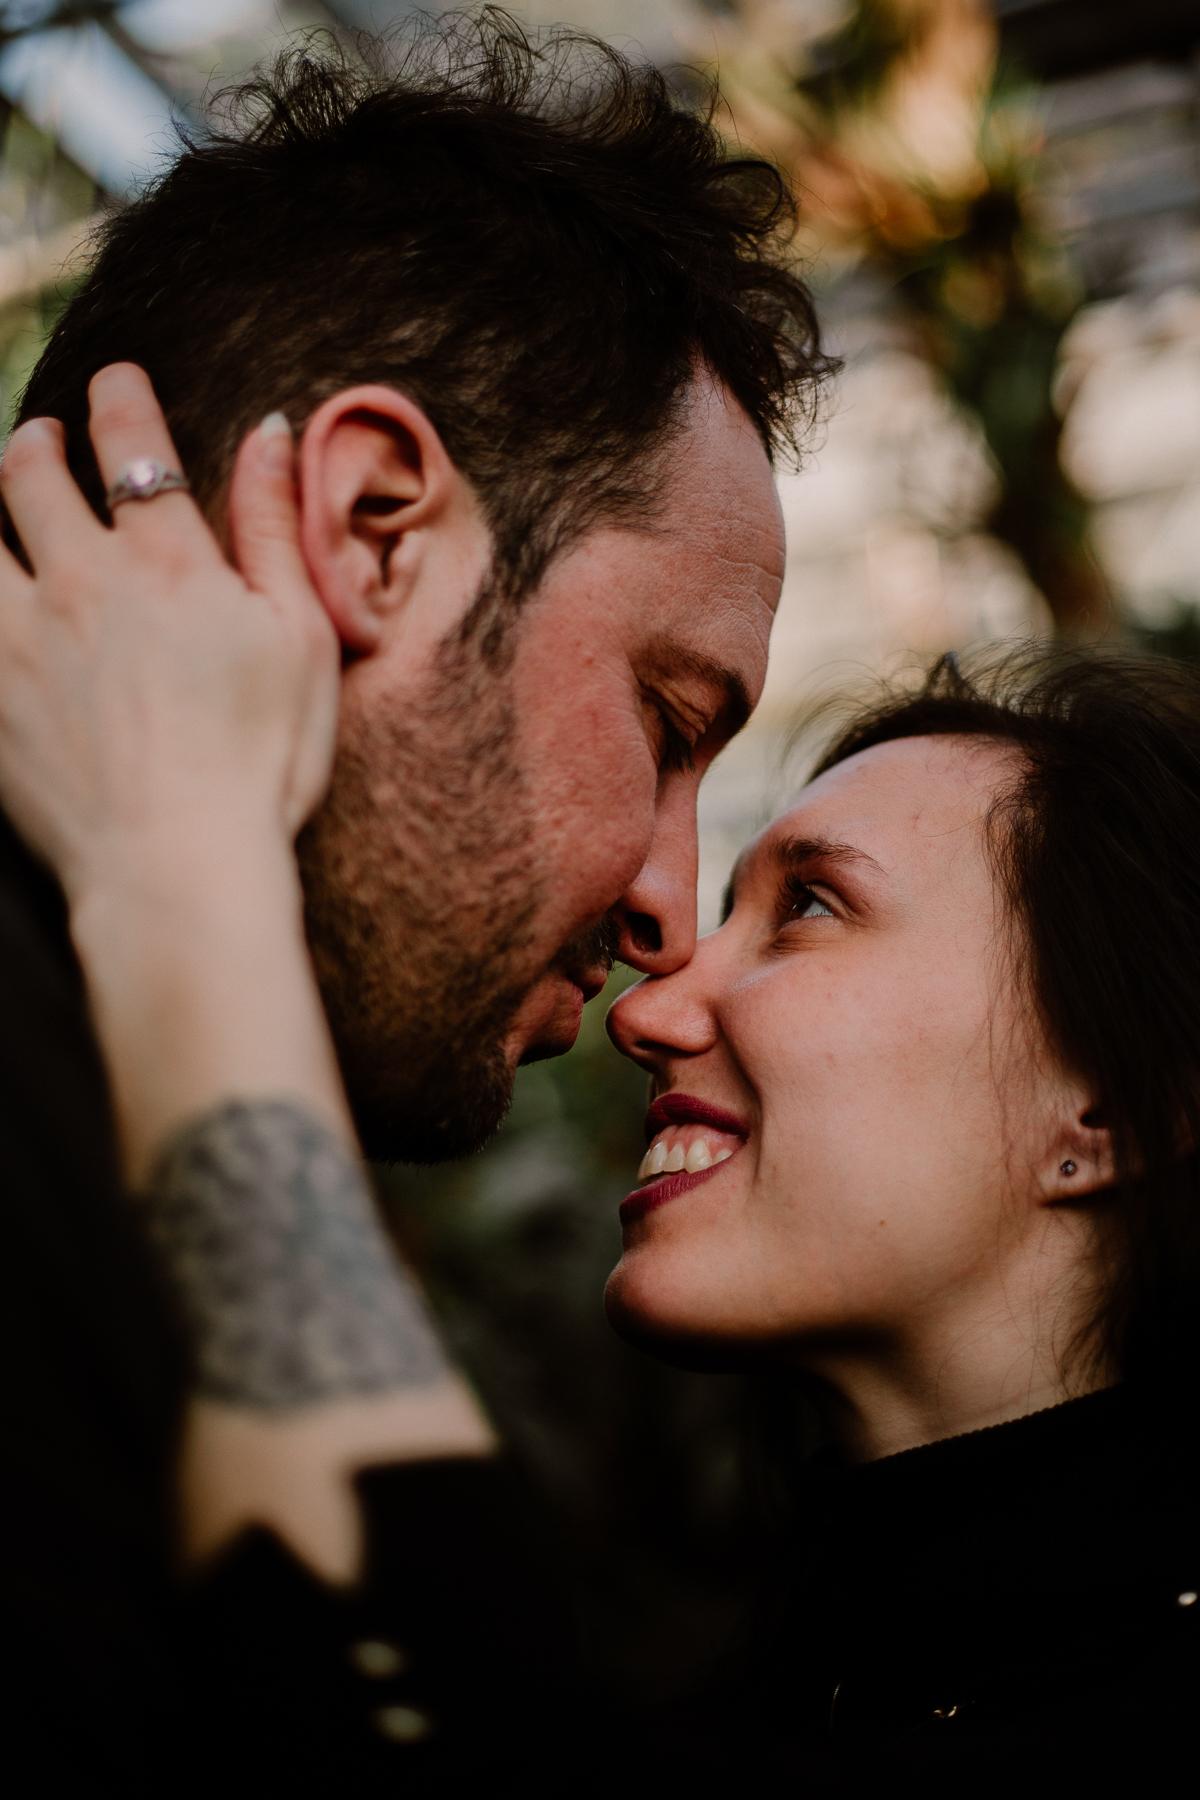 Séance photo de couple au ajrdin botanique de genève nez